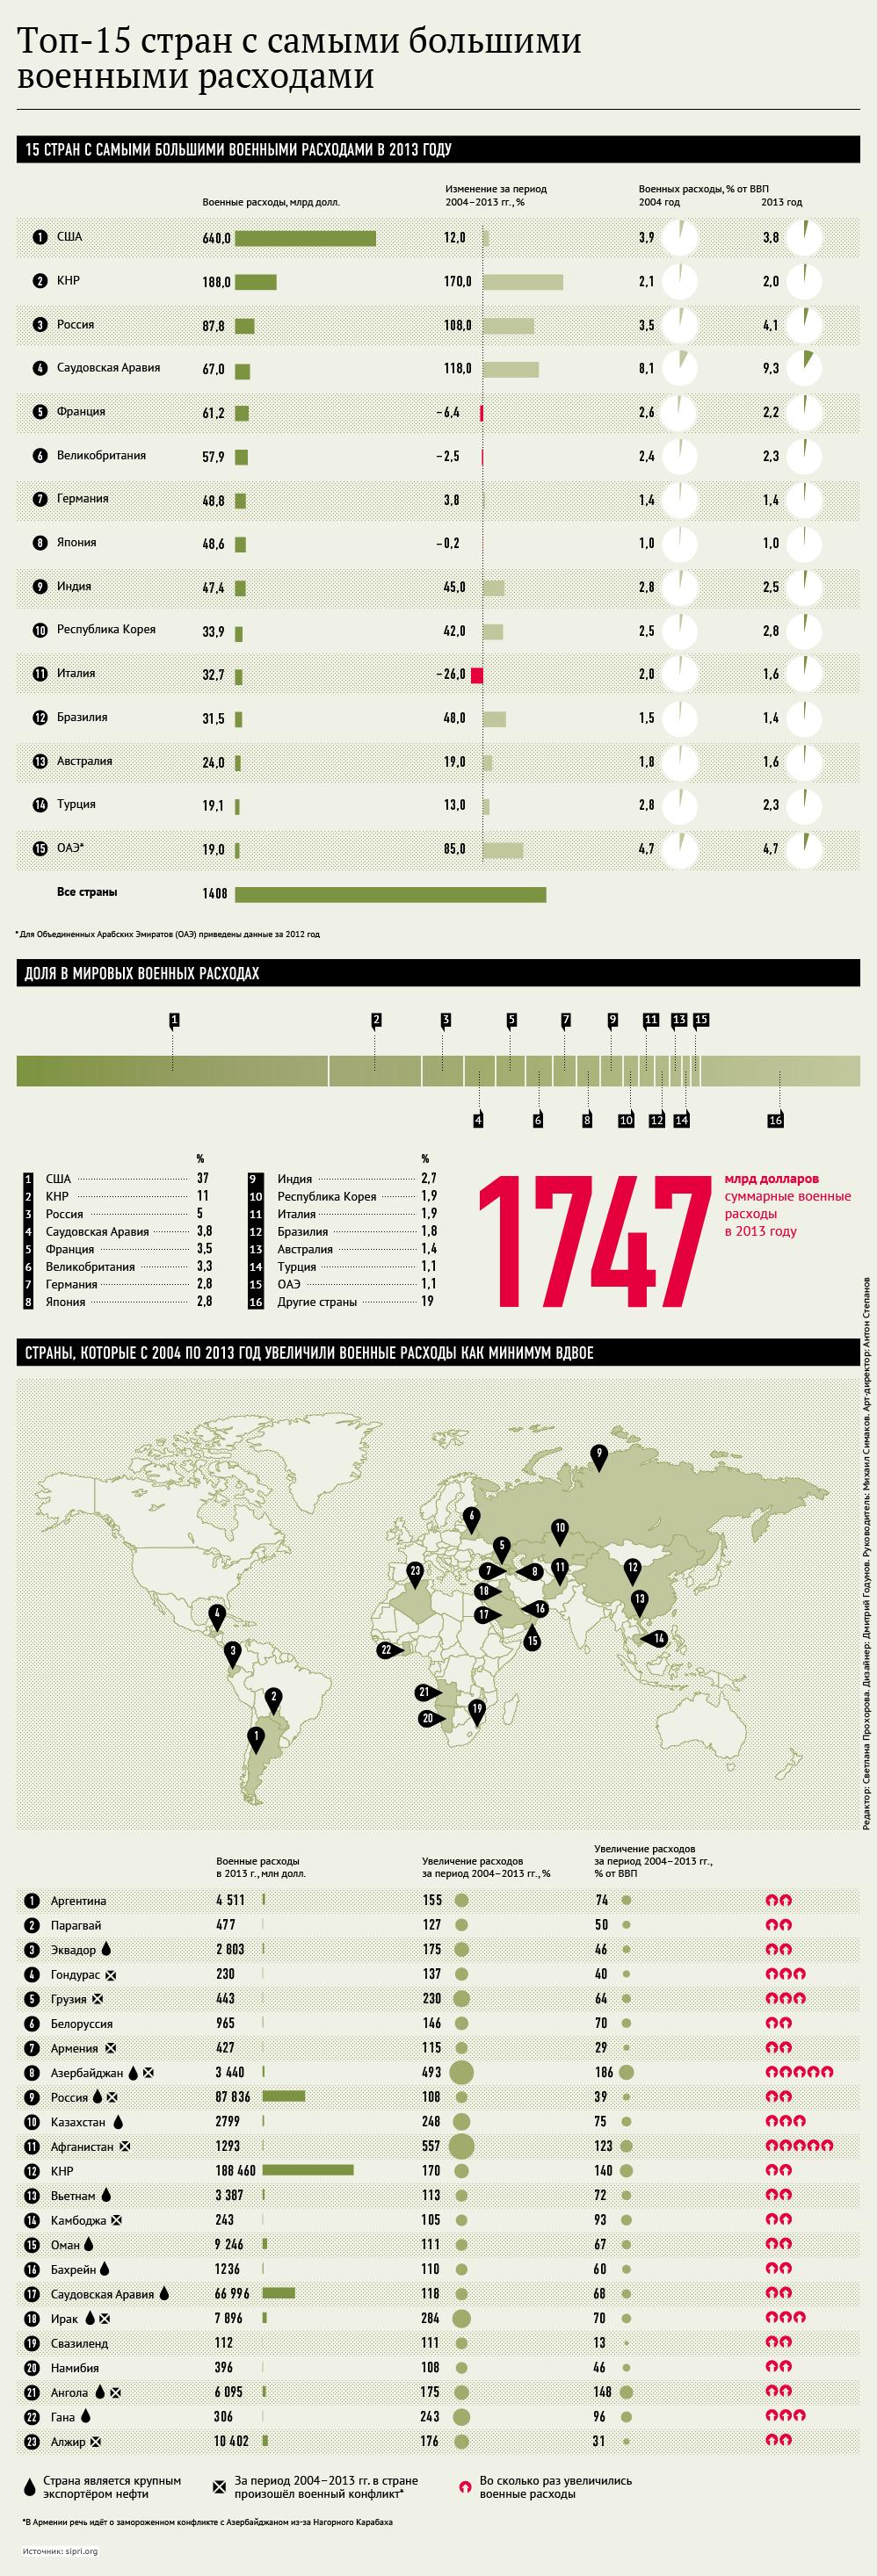 Топ-15 стран с самыми большими военными расходами